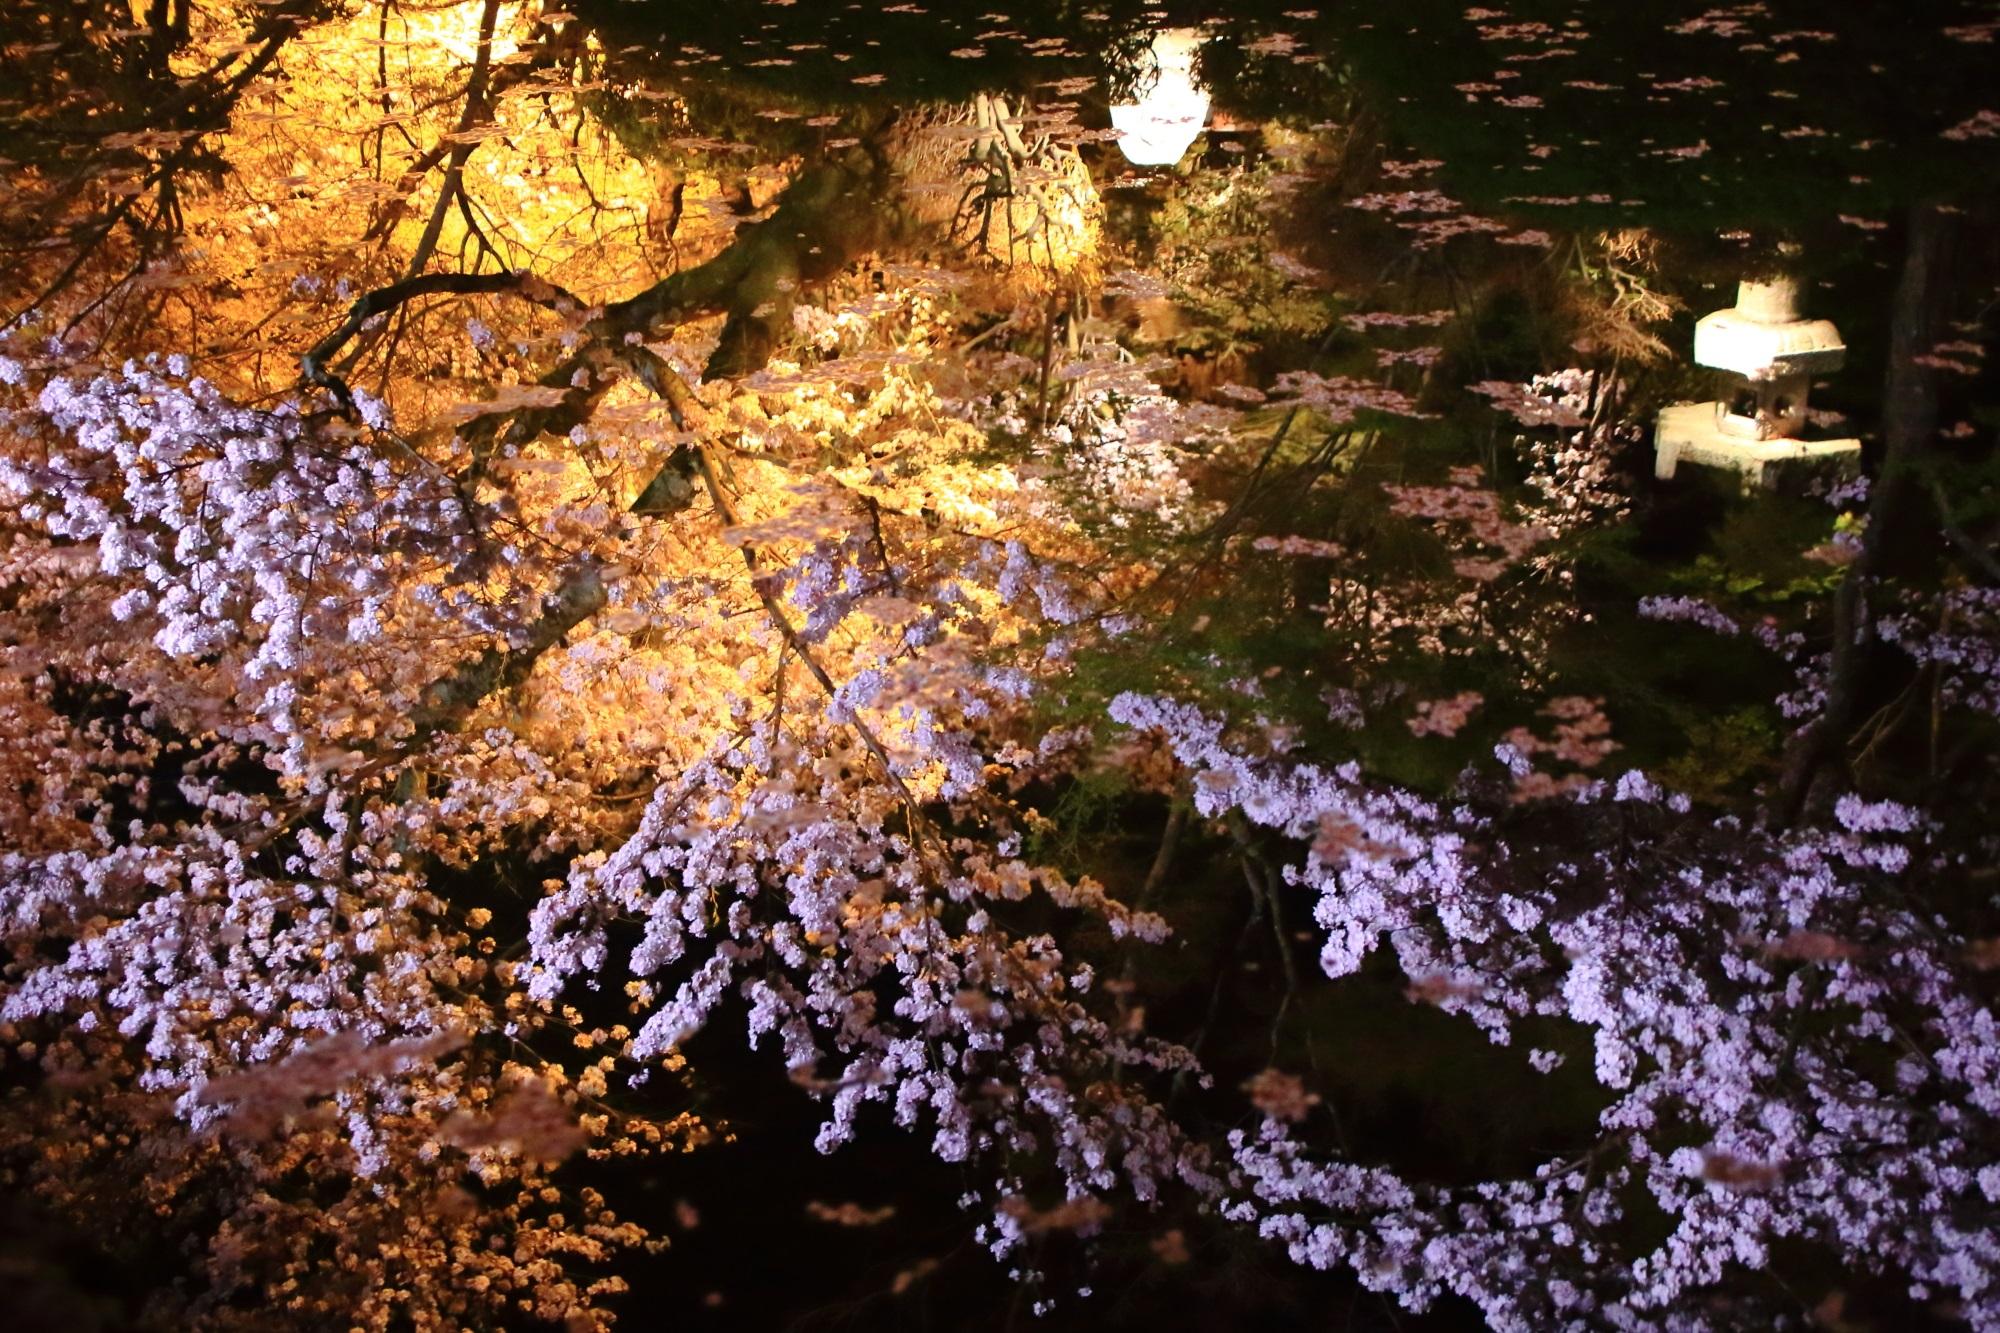 水の中で夢のように咲き誇る夜桜